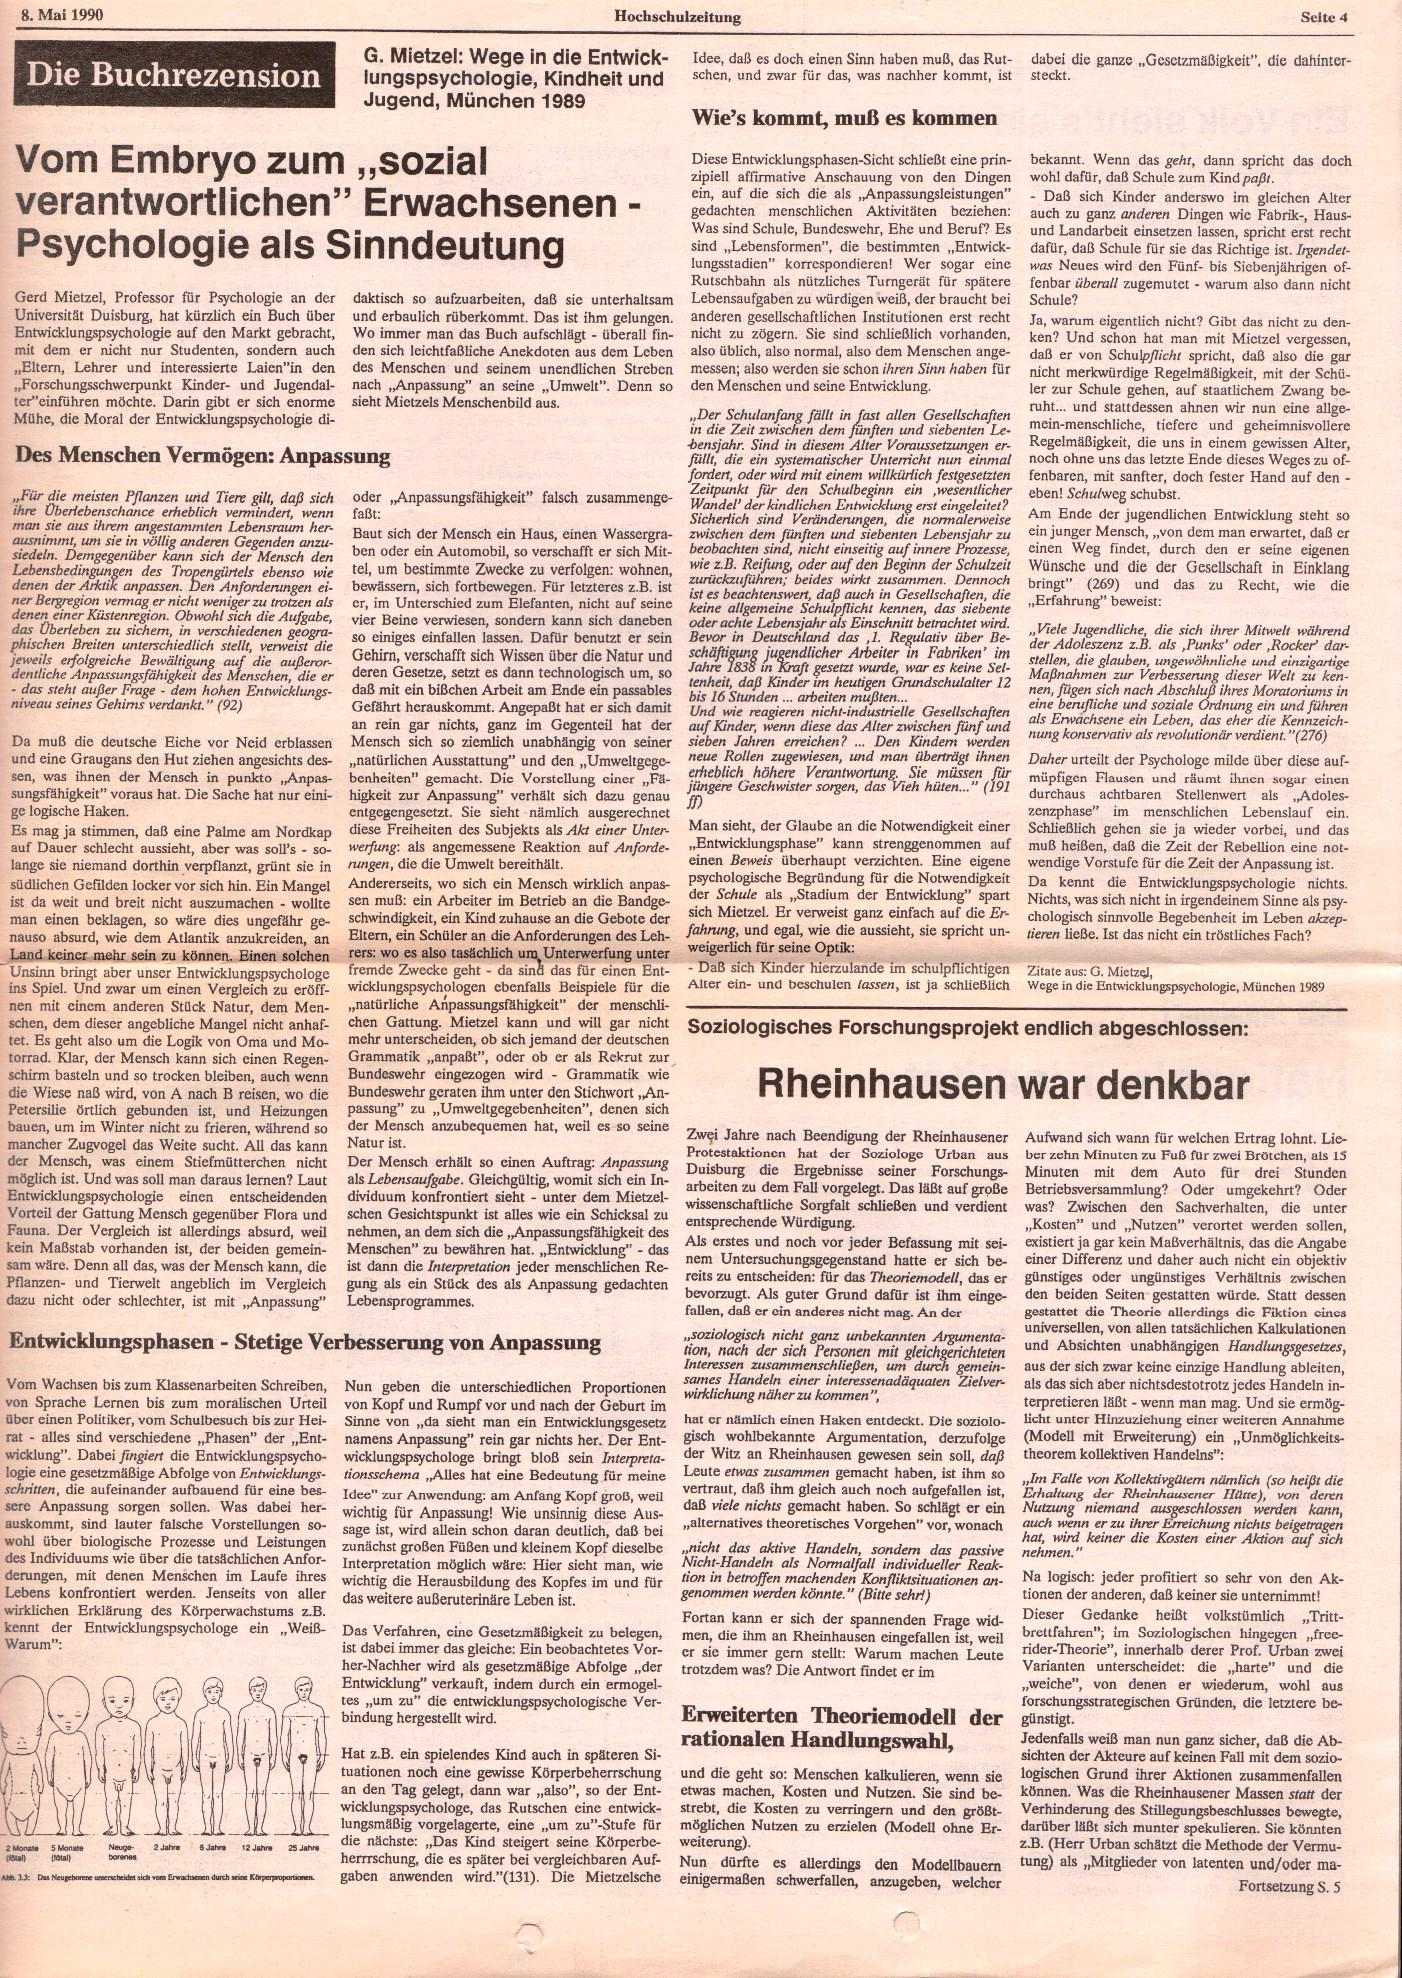 Ruhrgebiet_MG_Marxistische_Hochschulzeitung_19900508_04